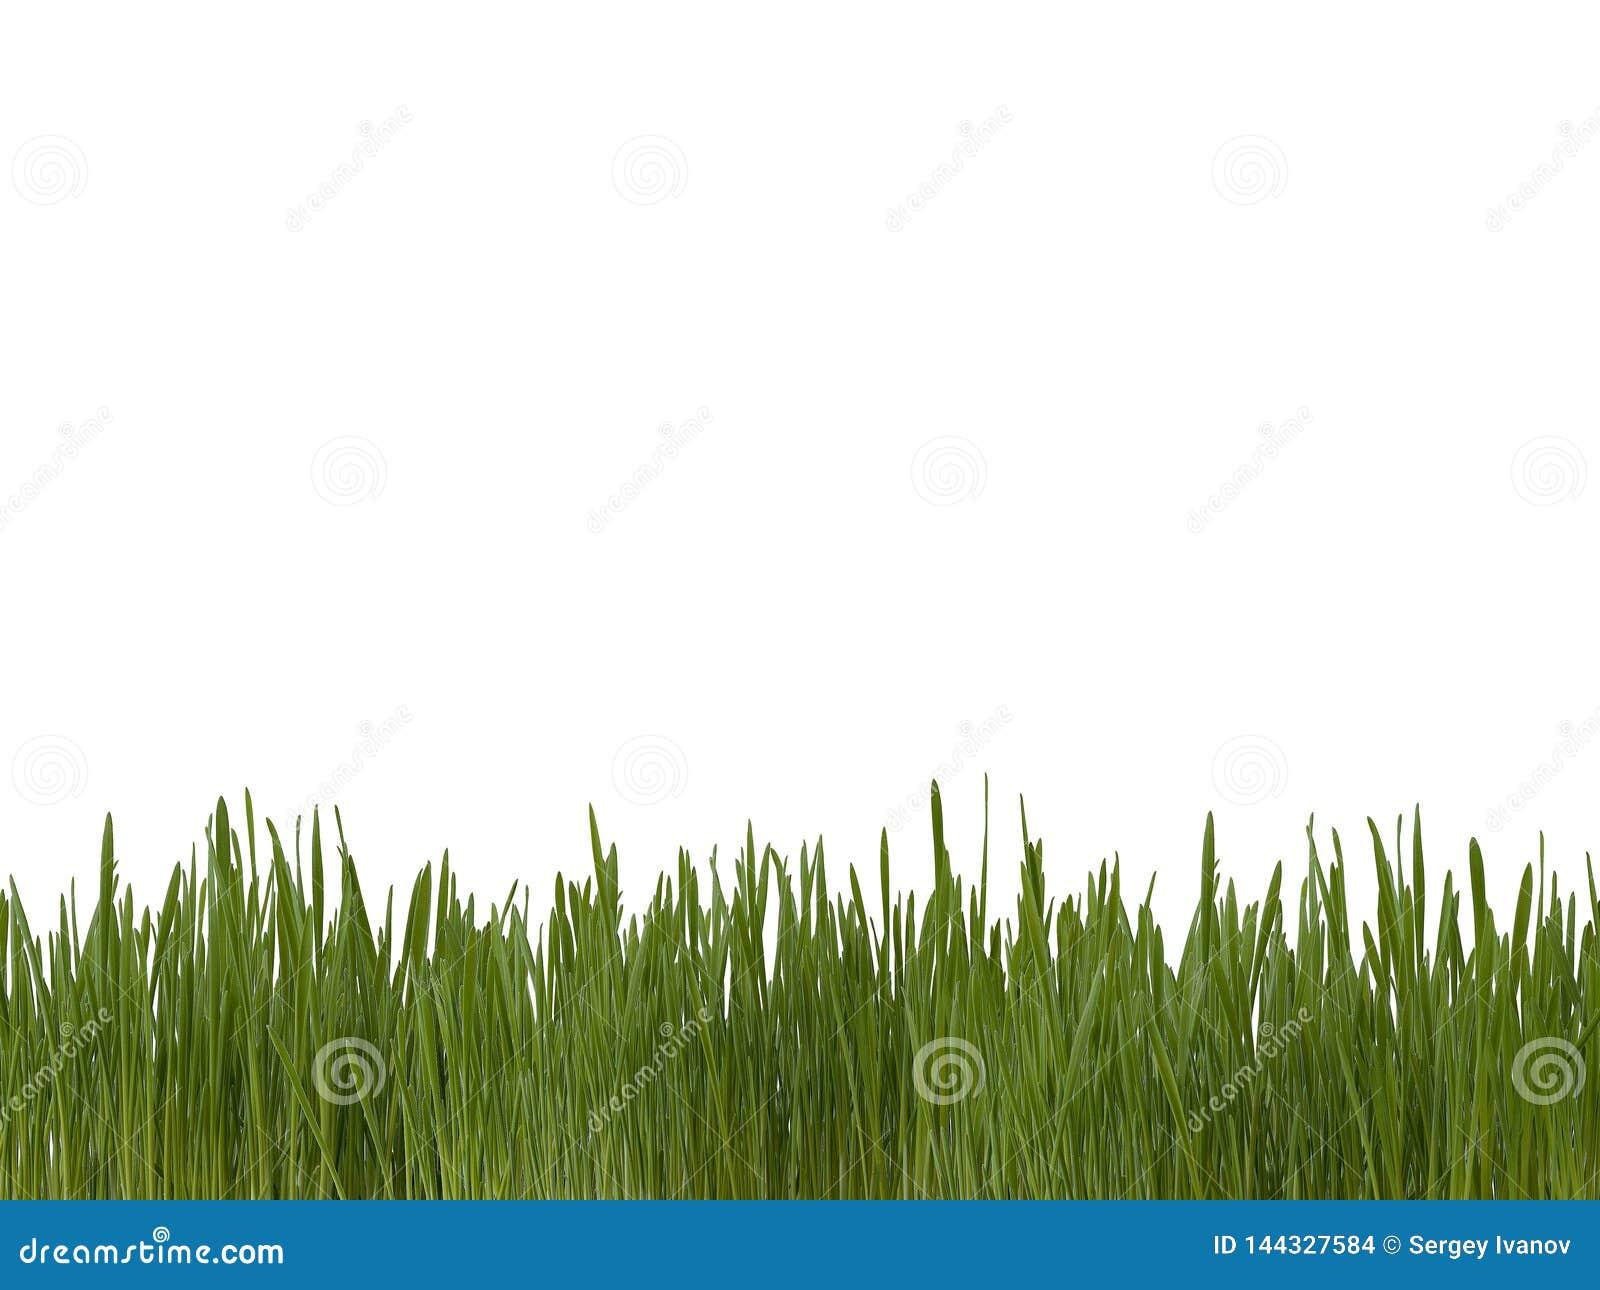 Grön gräsmatta av nya ljusa gräsgroddar på vit bakgrund